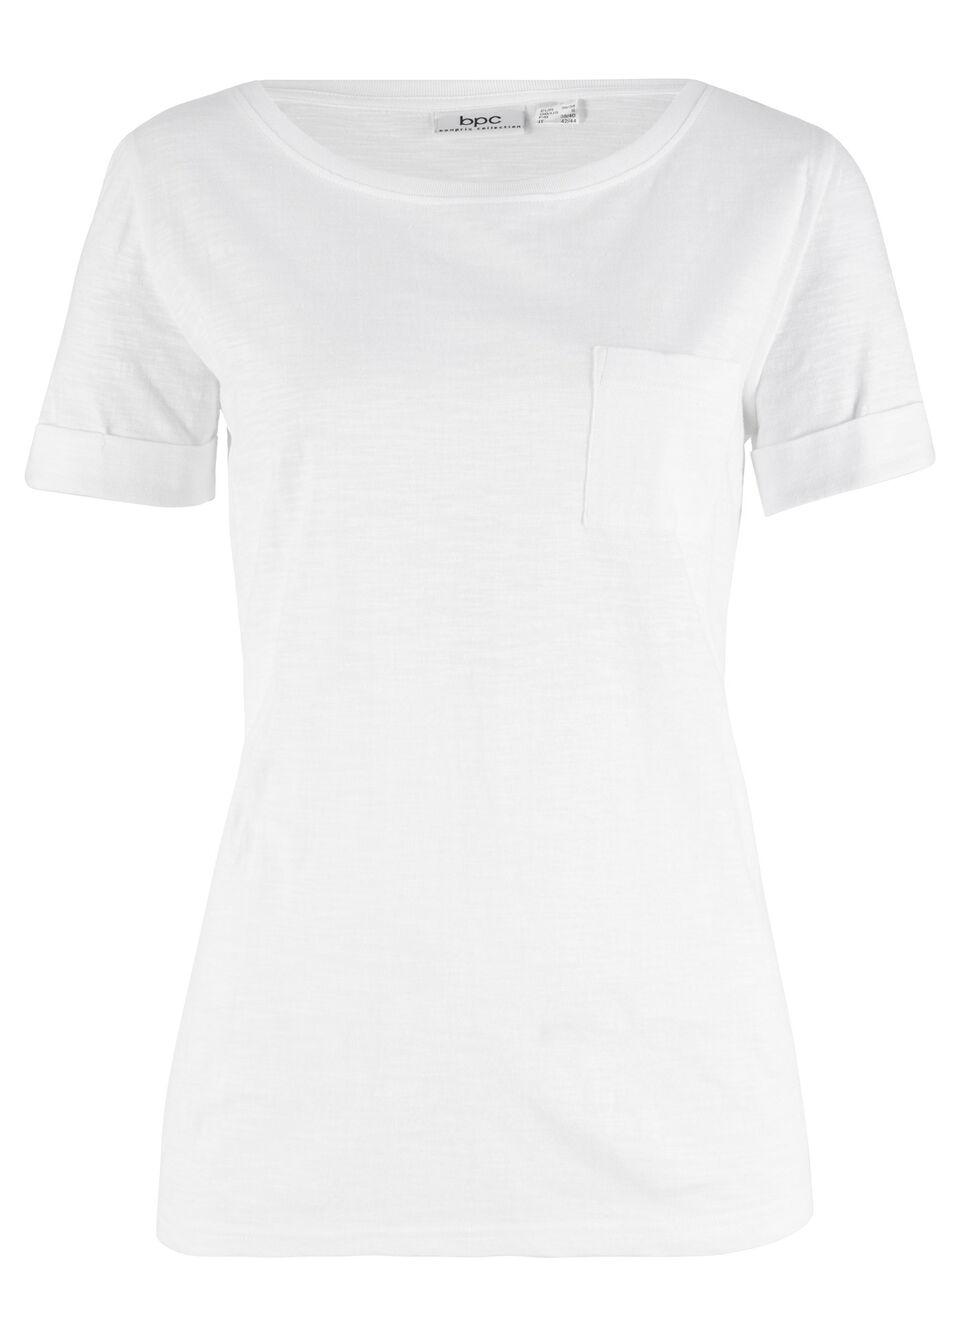 da63e6006a Pamut póló mellzsebbel matt kék Hossza kb • 2799.0 Ft • bonprix